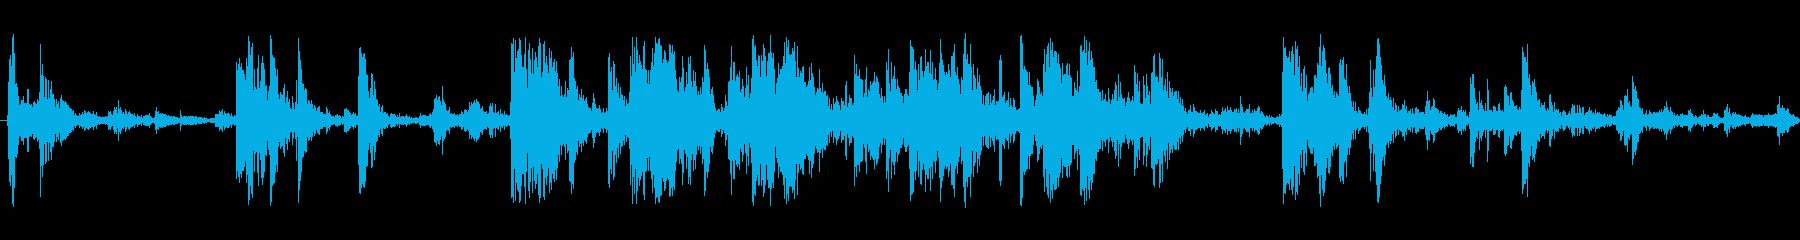 ごみを介したRU;ヴィンテージ録音...の再生済みの波形